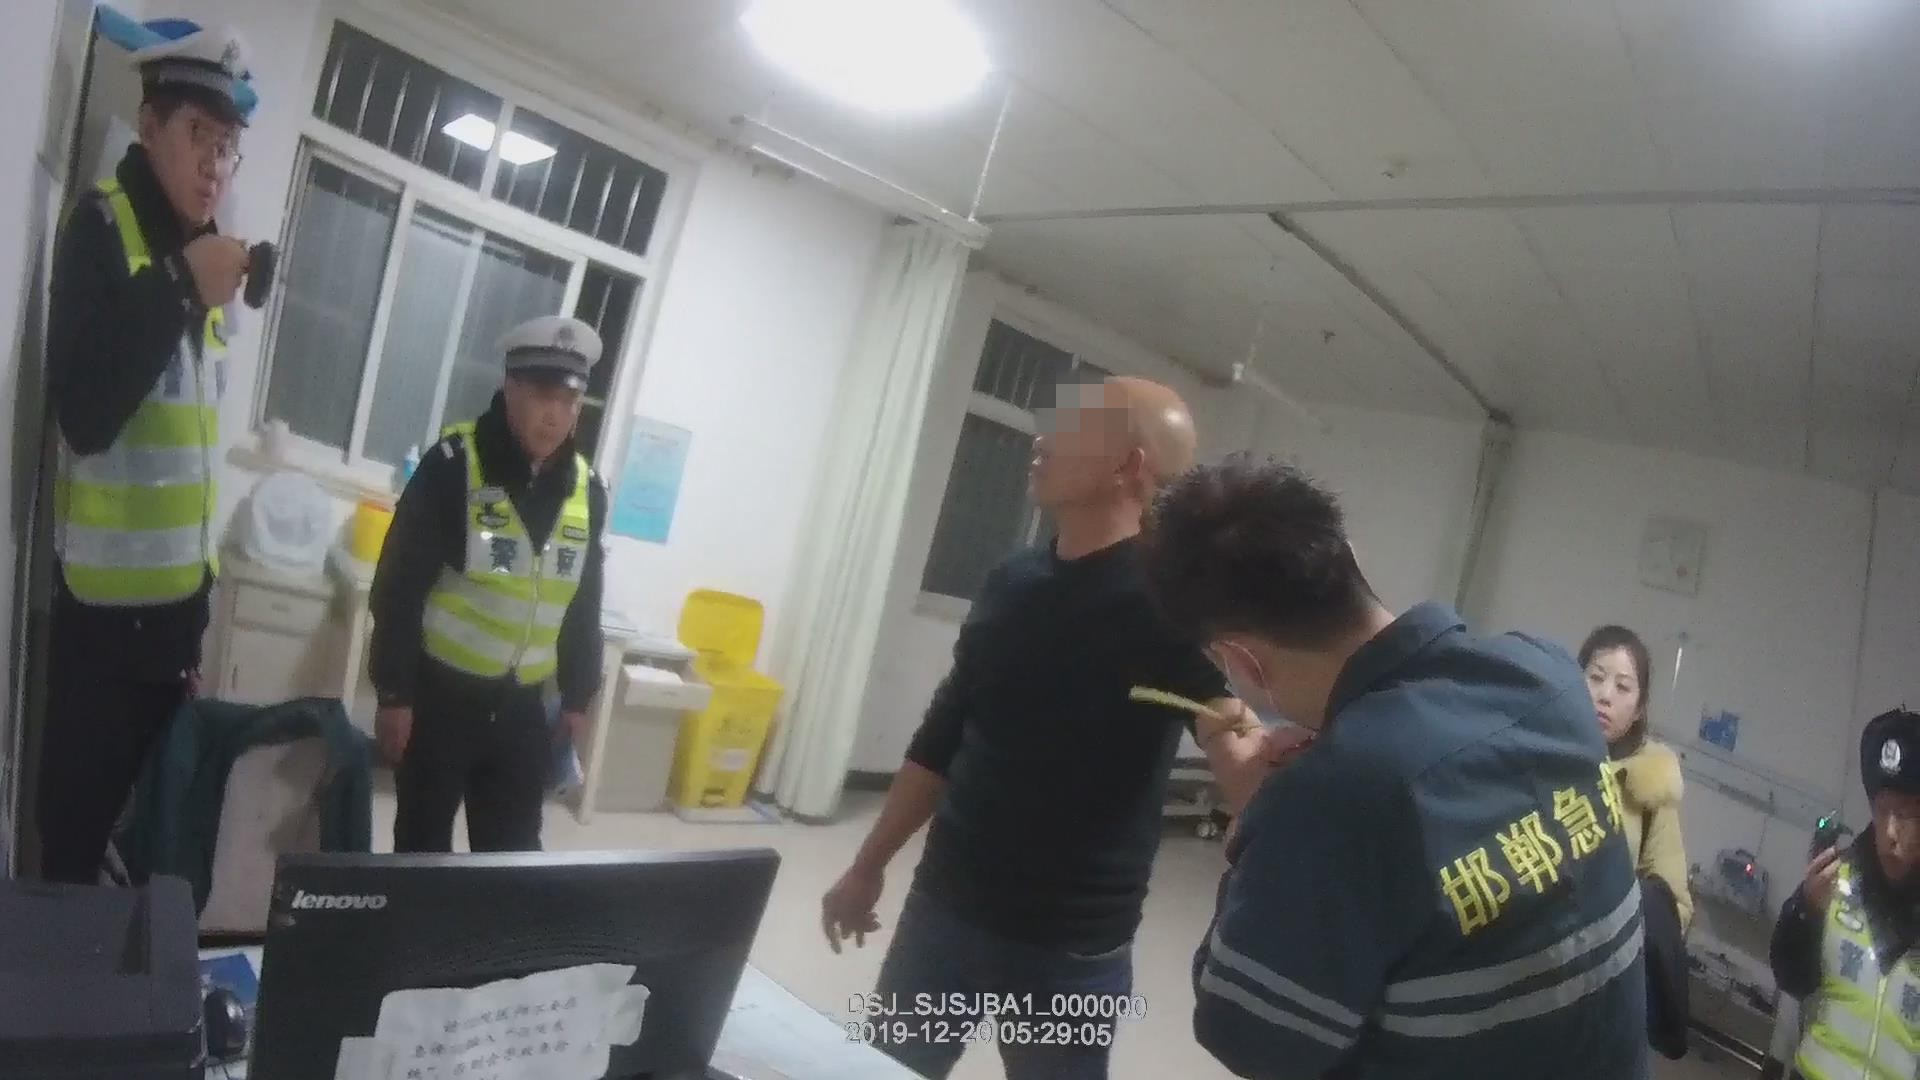 邯郸:男子醉驾肇事逃逸 巡逻民警及时将其拦停